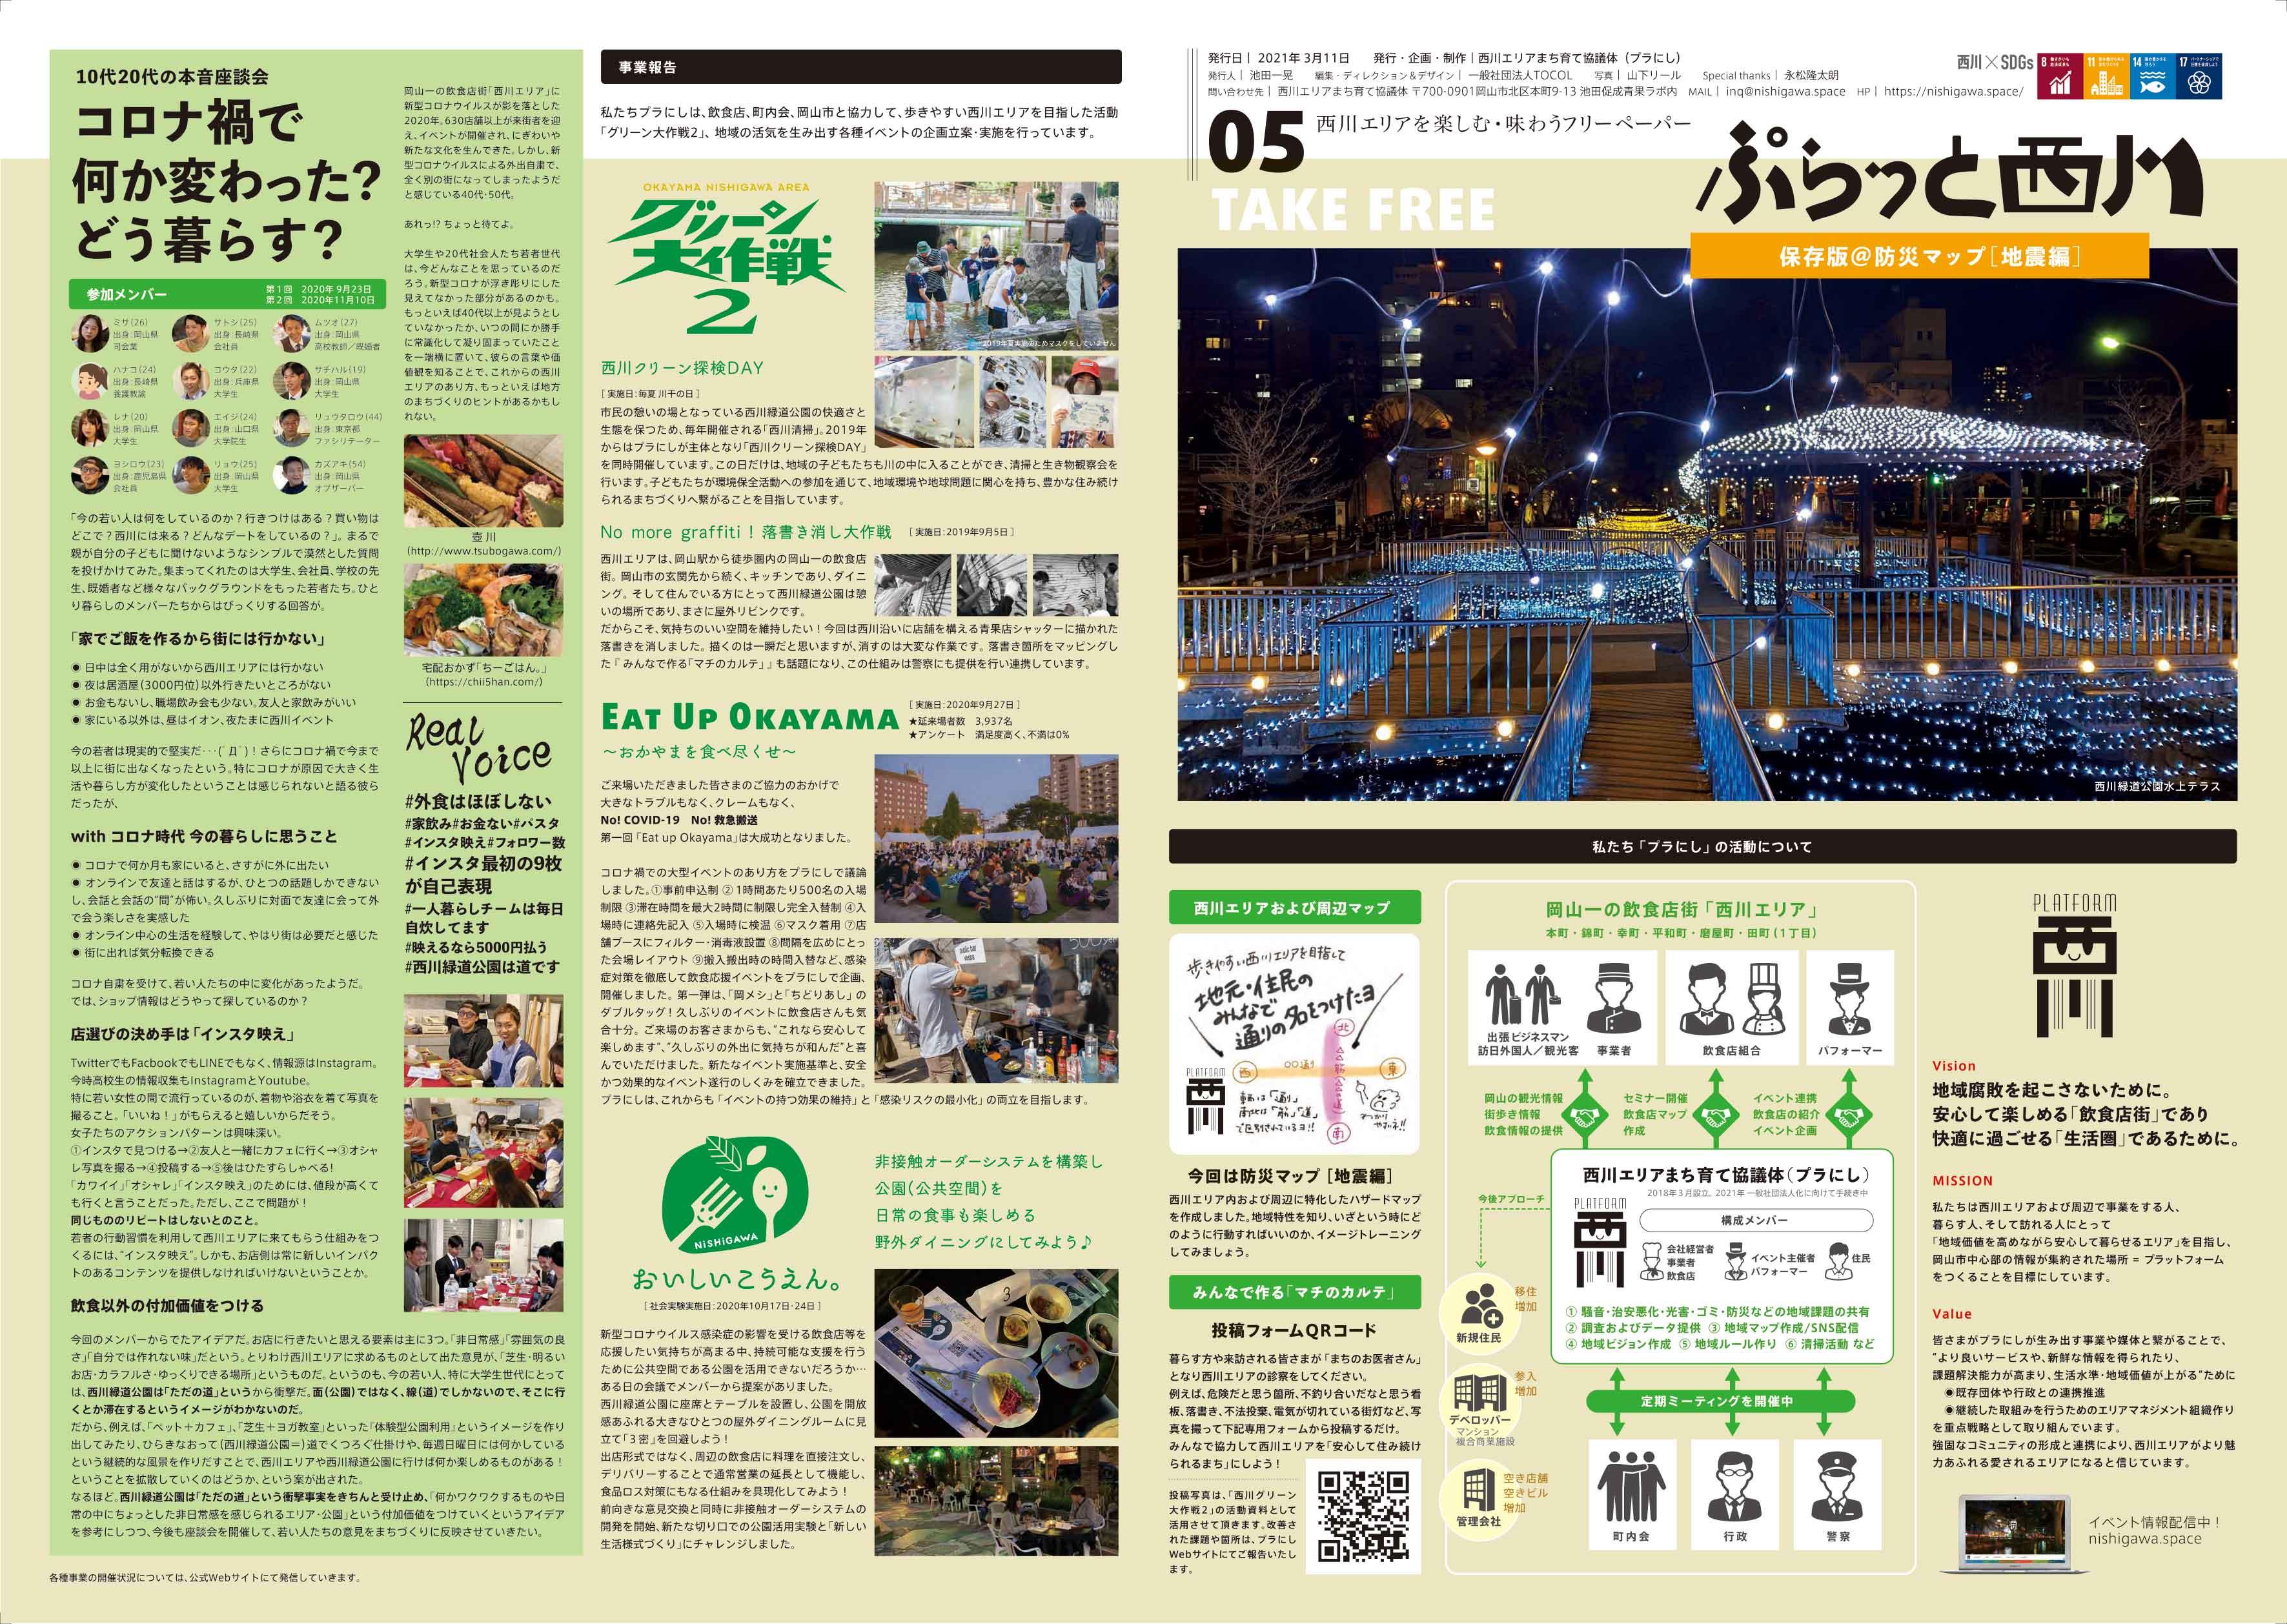 ぷらっと西川05-1